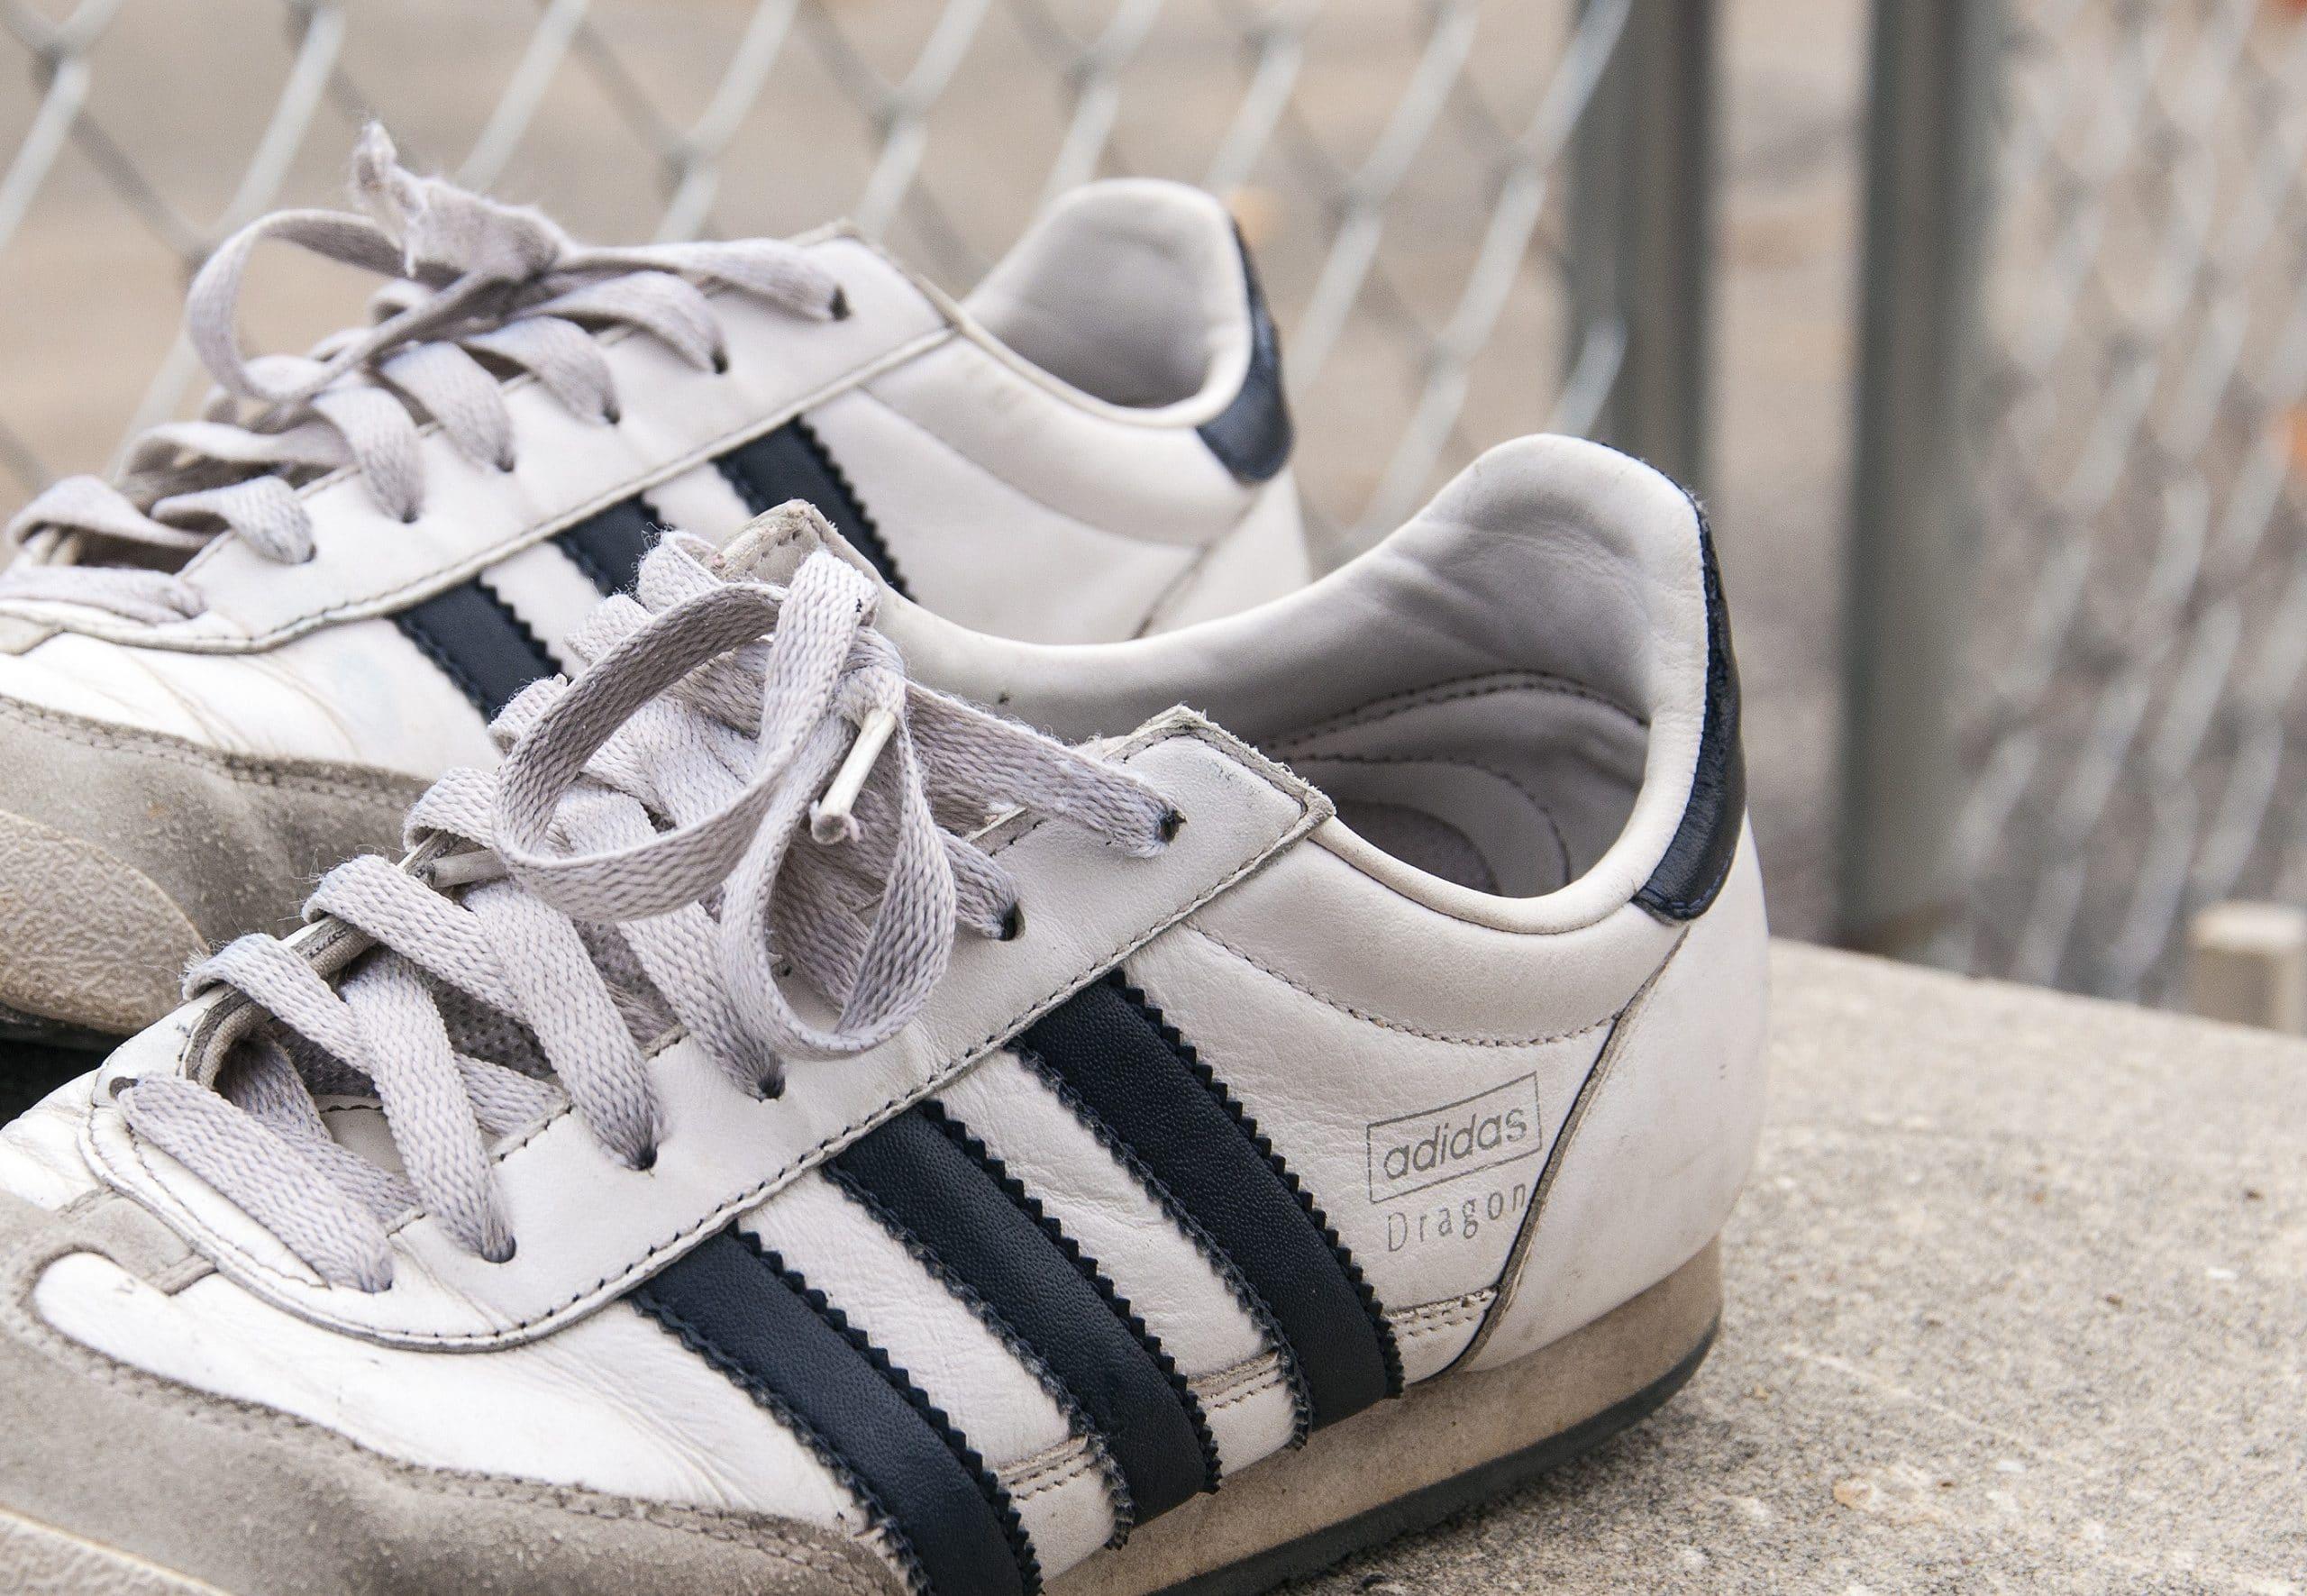 Las tres líneas del logotipo de Adidas aplicadas a una zapatillas